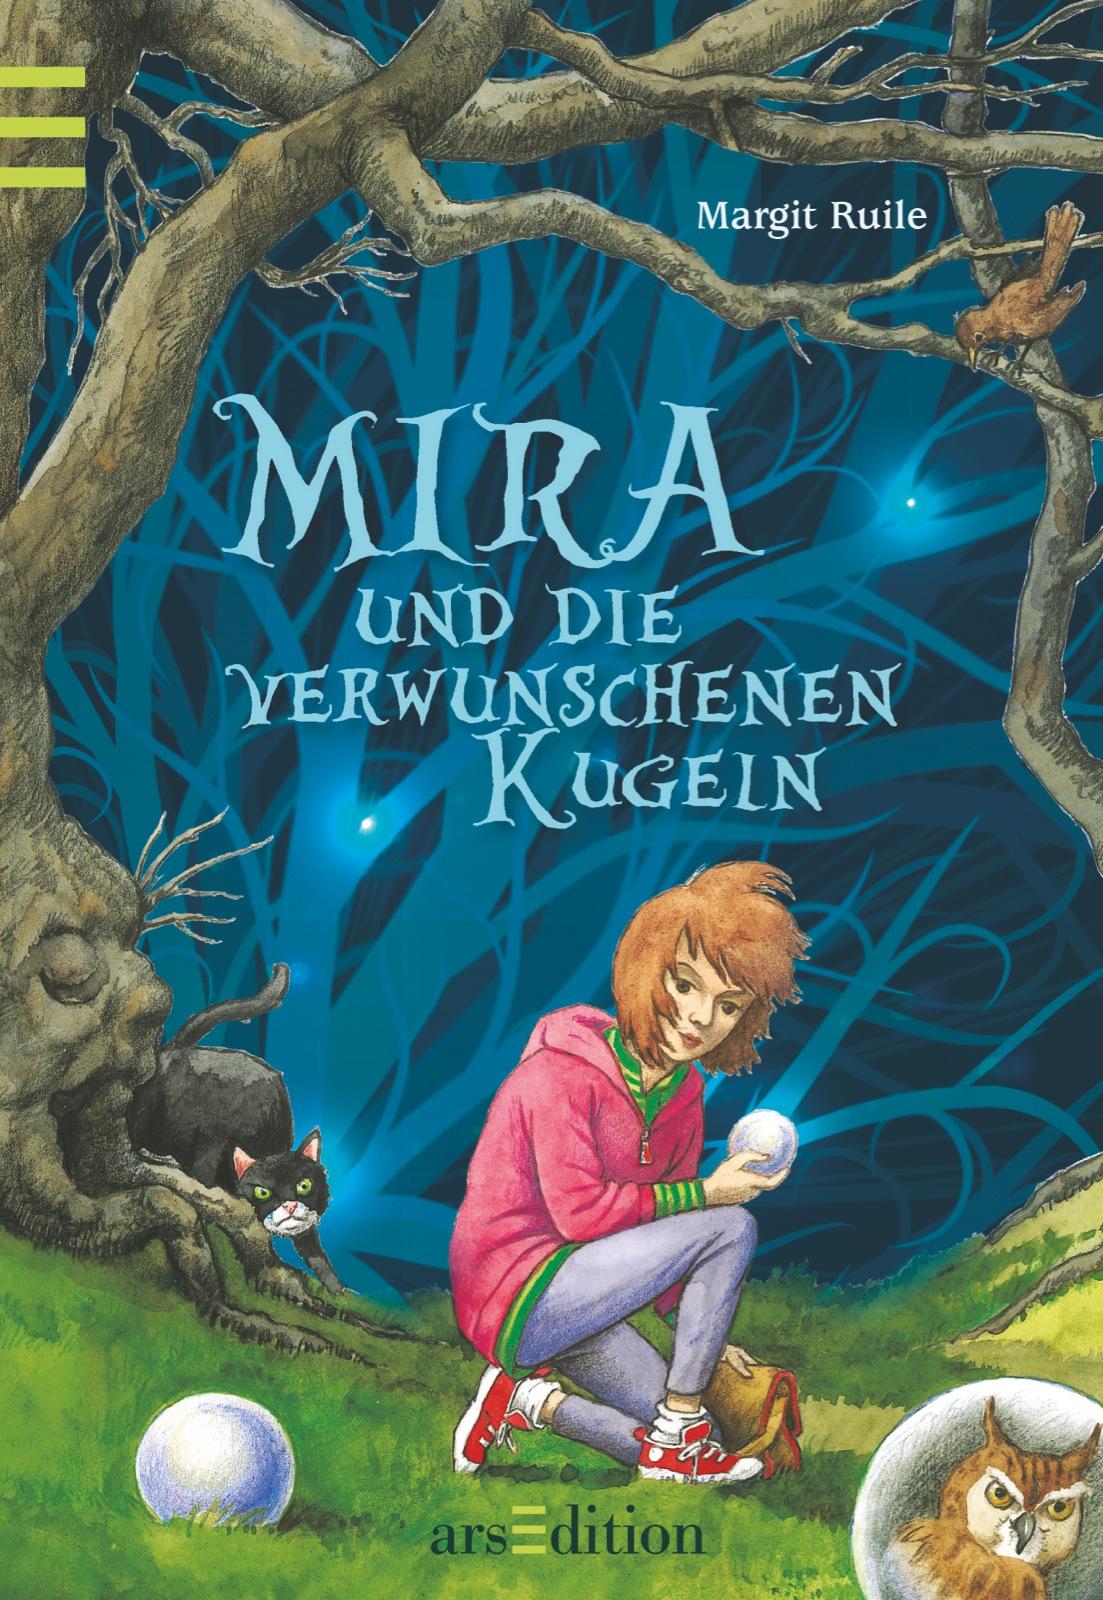 Mira und die verwunschenen Kugeln - Margit Ruile